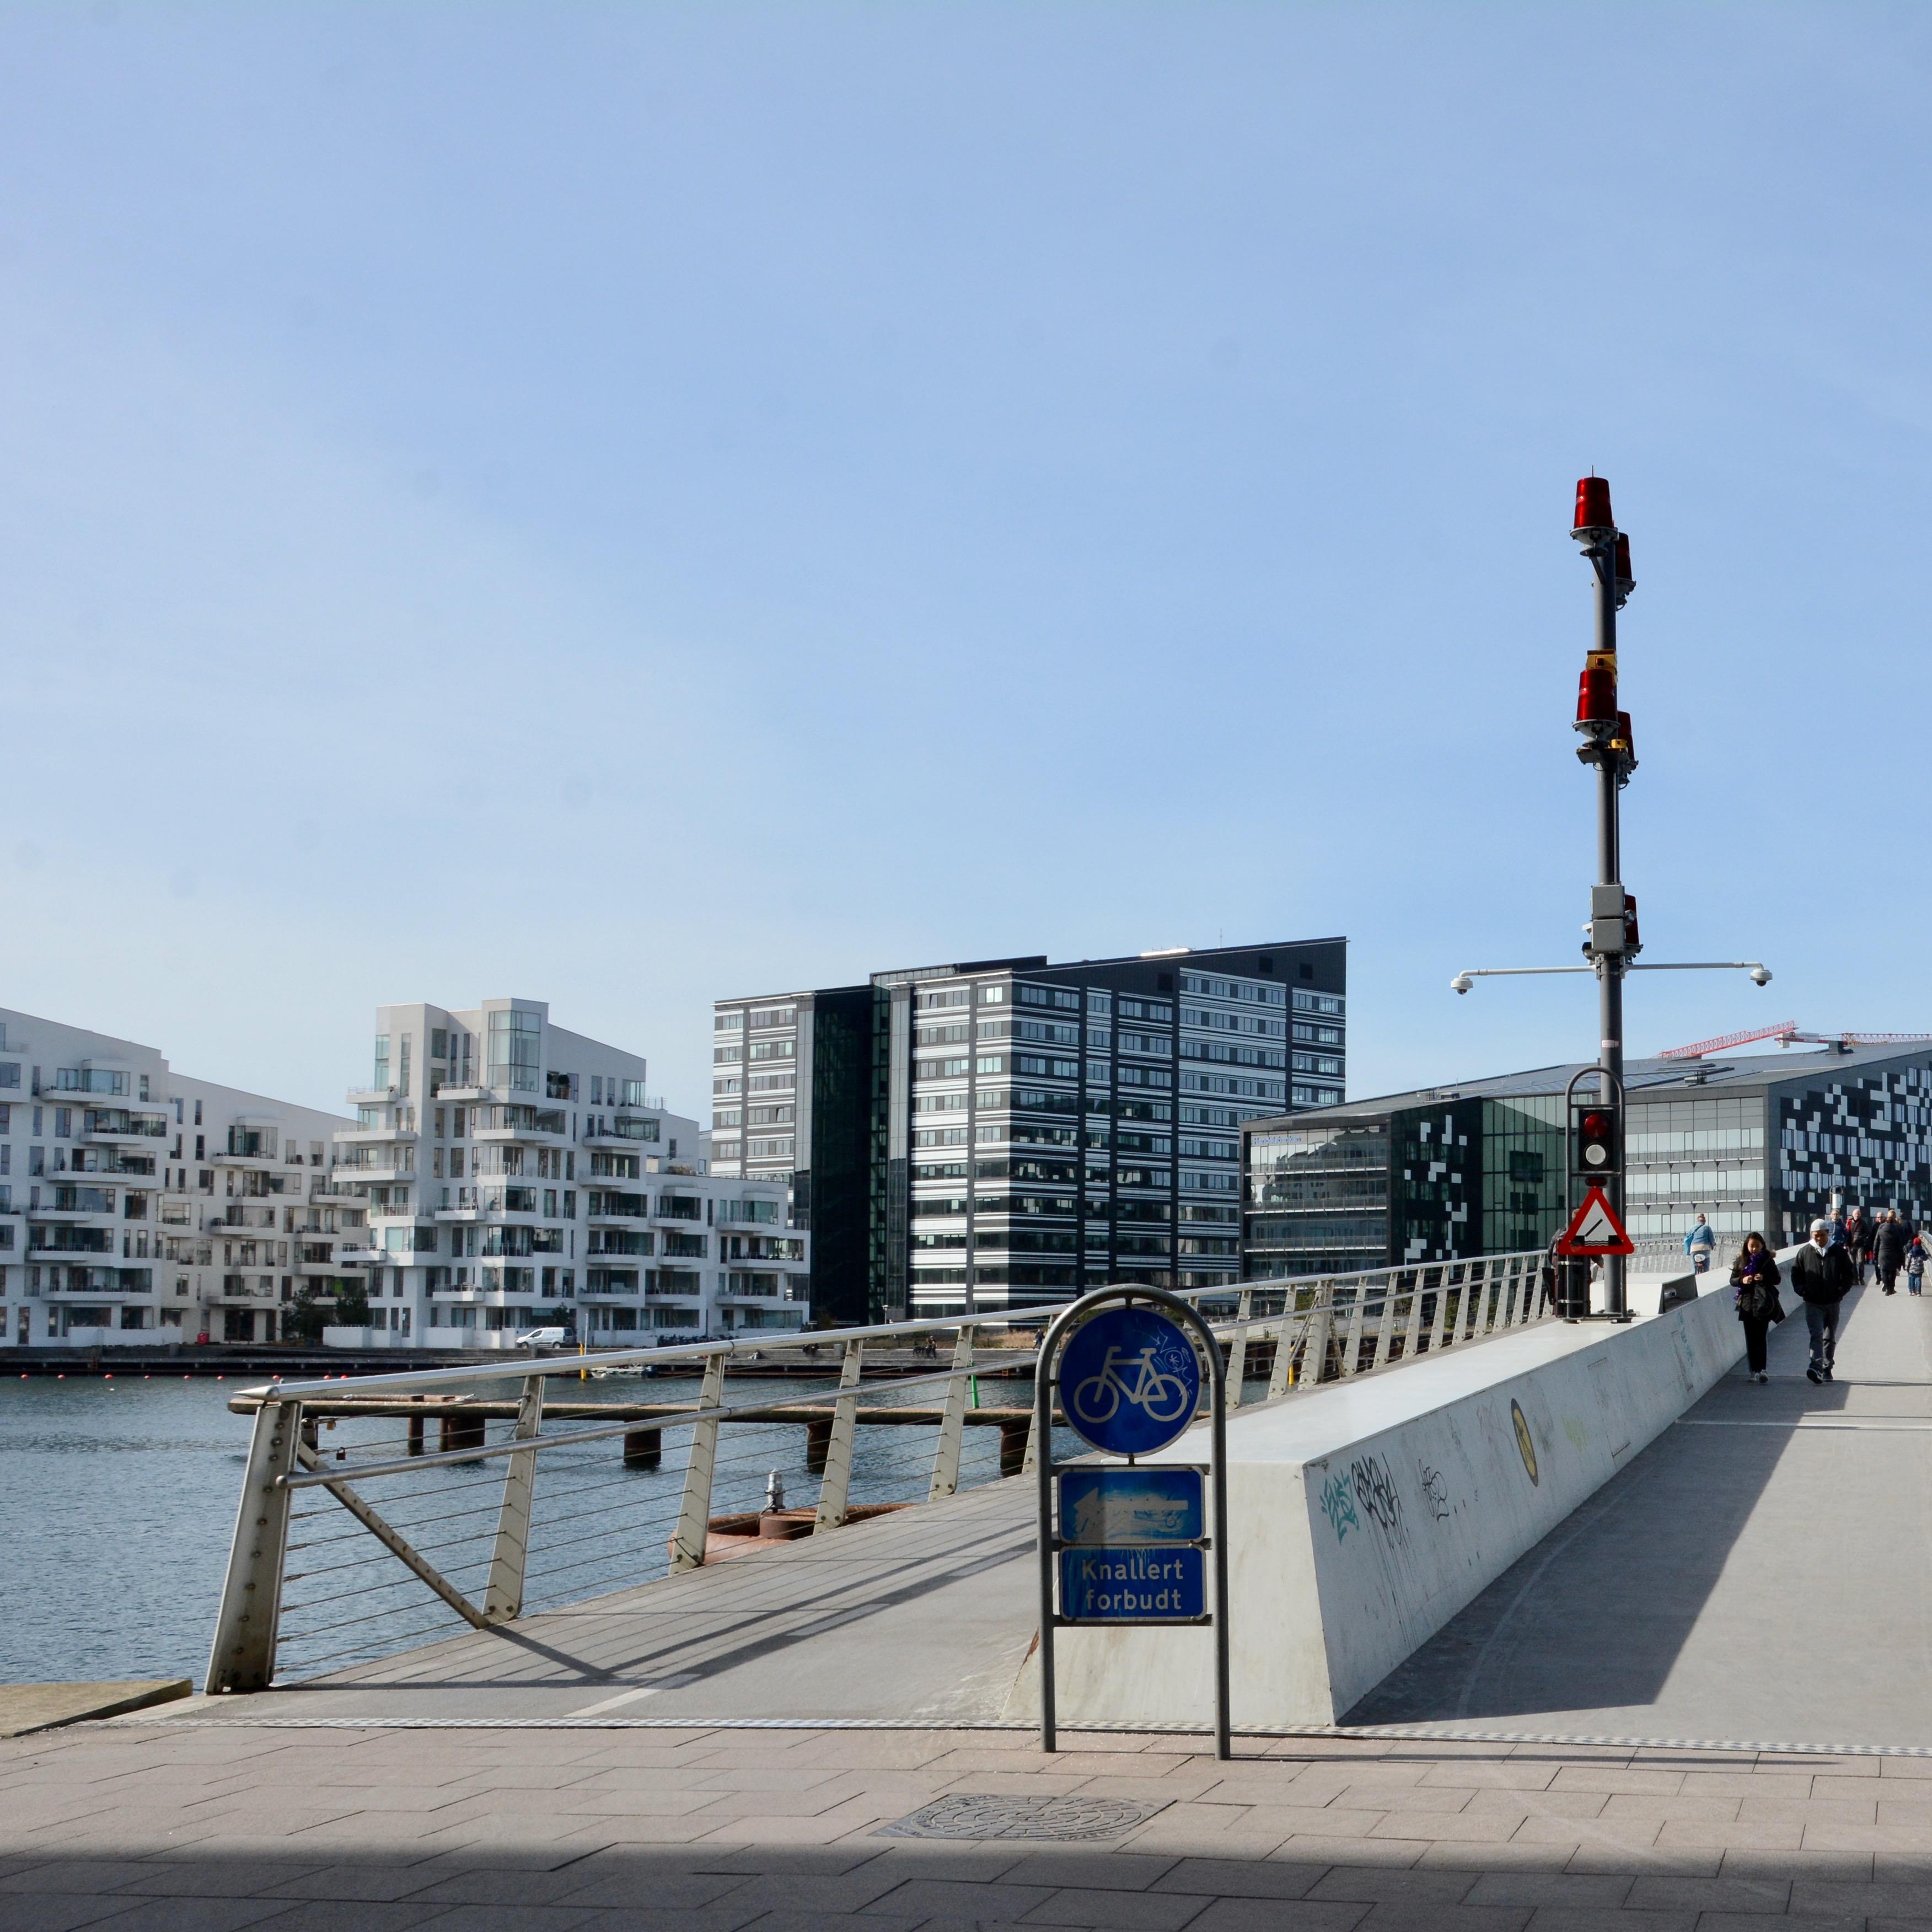 travel with kids children Copenhagen Denmark christianshavn cycleznake